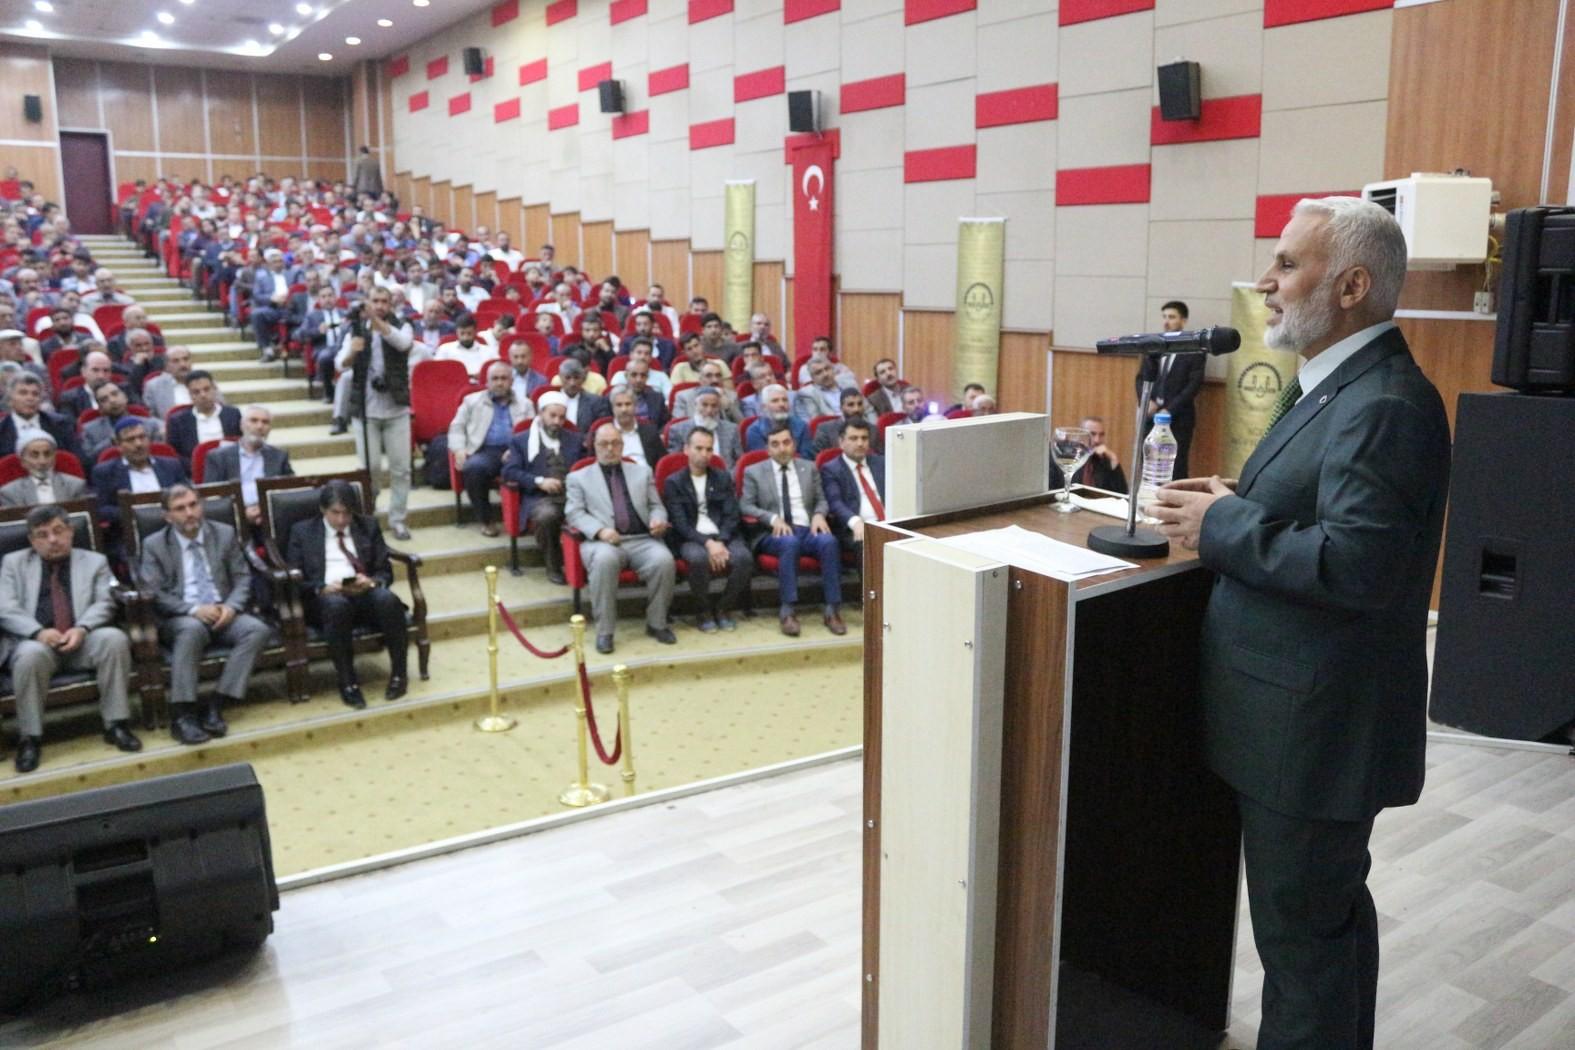 Ağrı'da 'Cami ve Hayat' konulu konferans